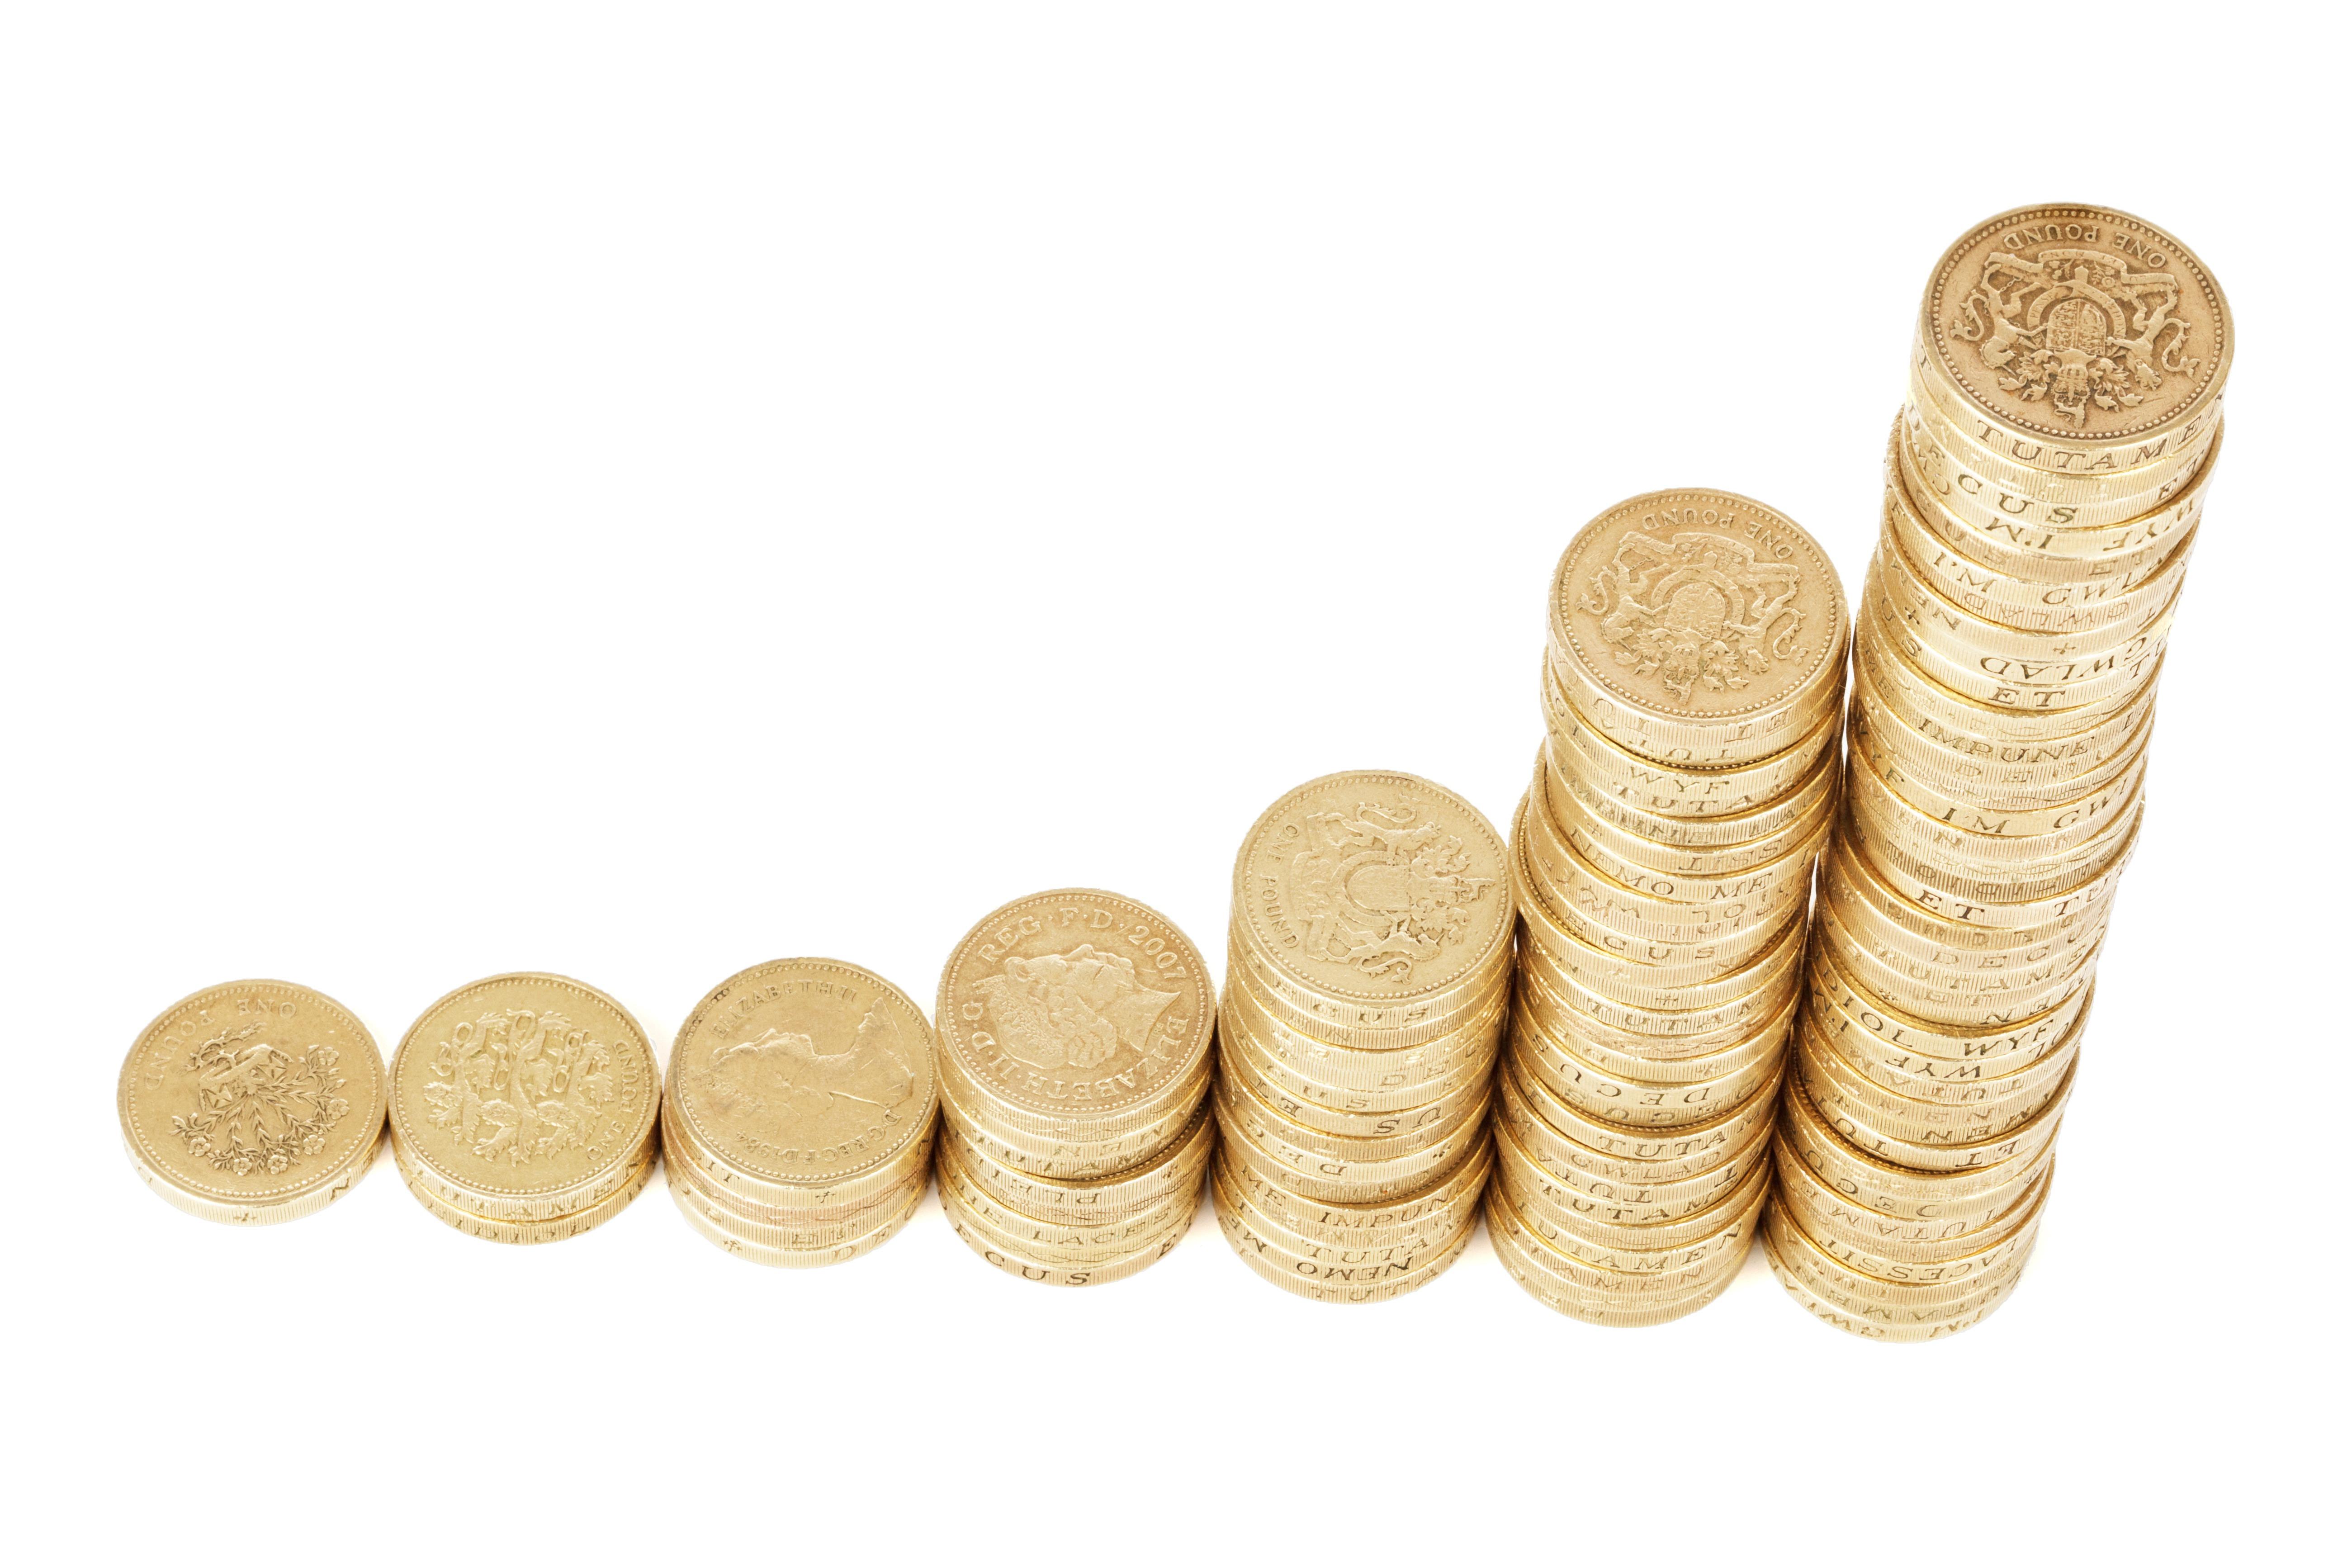 利回り1.5%〜5.0%で運用する方法